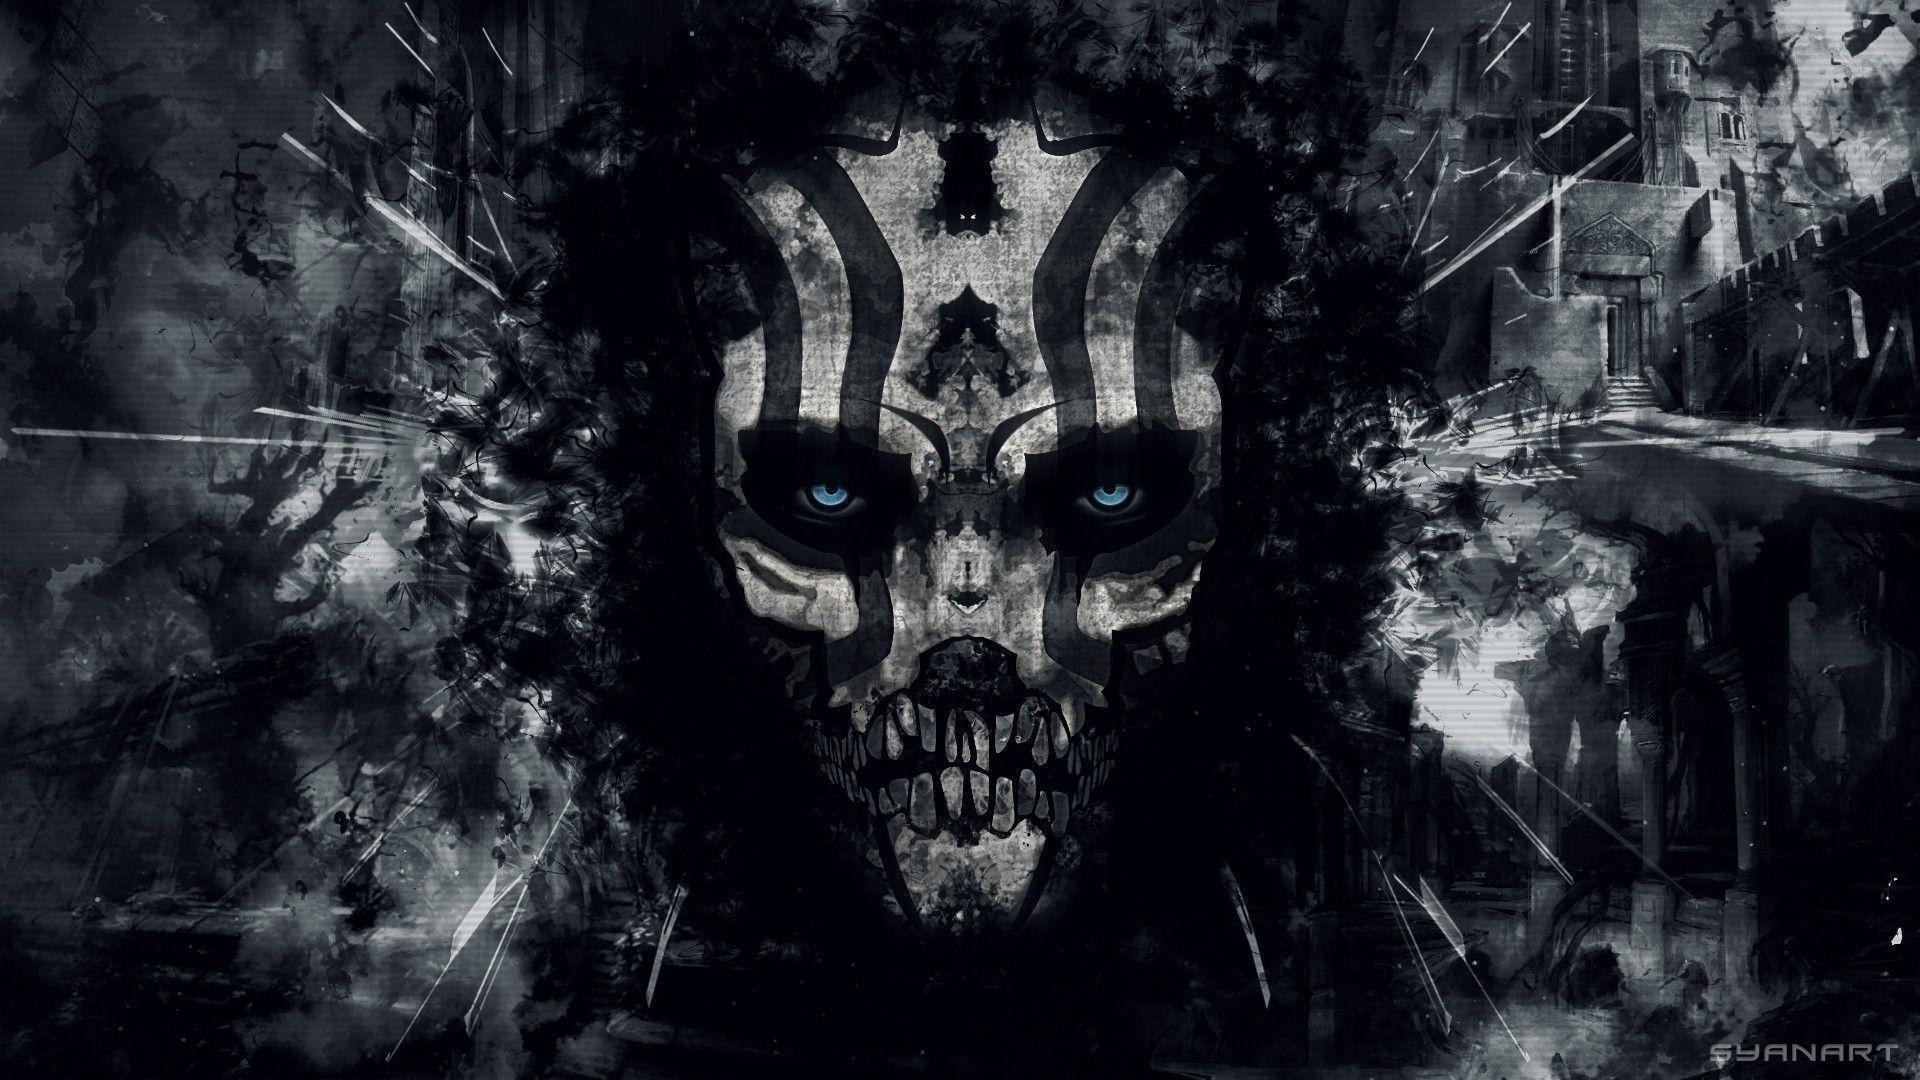 Evil Skull Wallpaper Wallpapertag